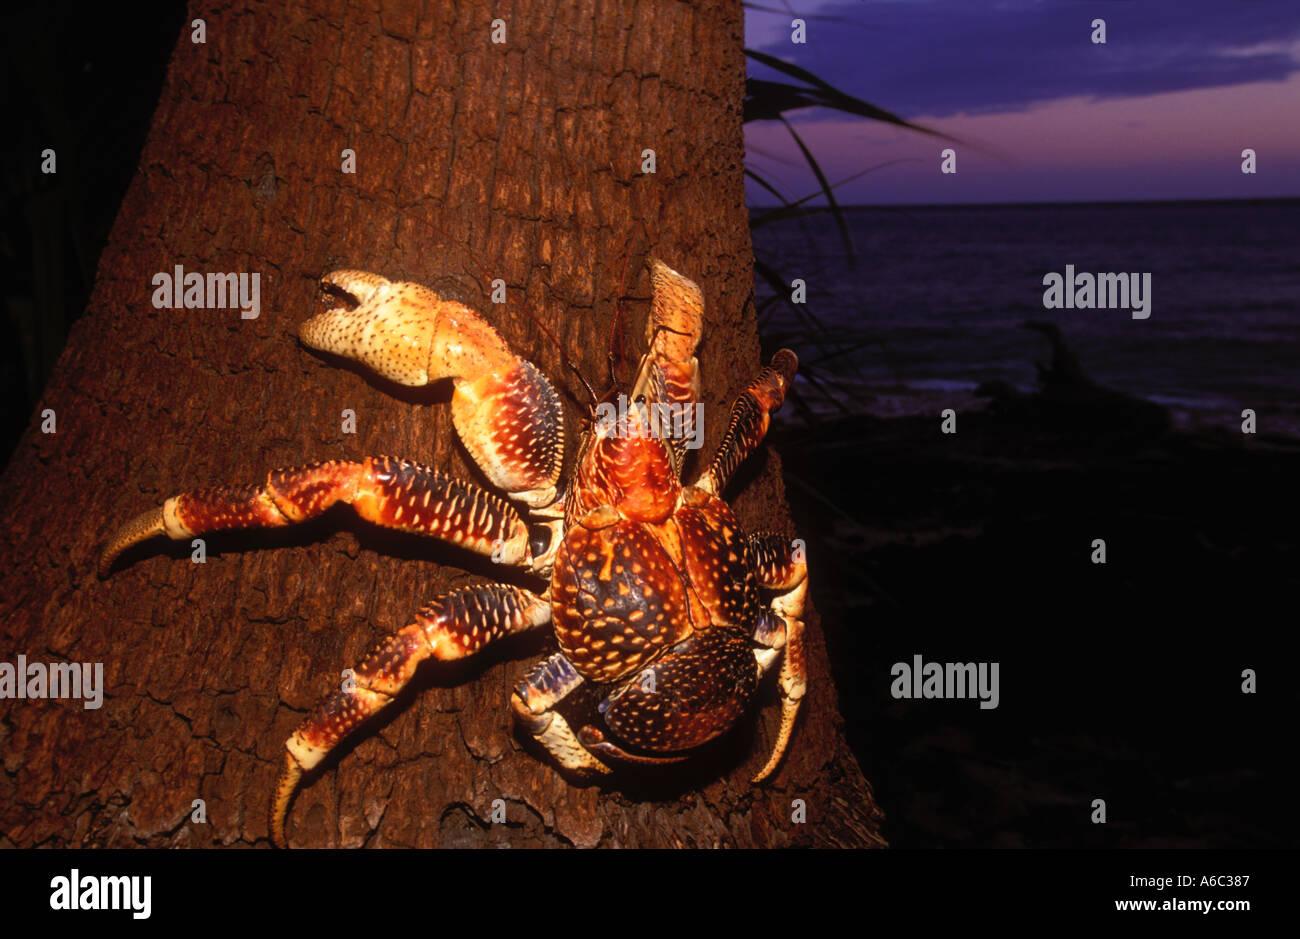 Ladrón de coco Birgus latro cangrejo terrestre más grande del mundo crustáceo Un cangrejo ermitaño West Indian amenazadas Océanos Pacífico Occidental Imagen De Stock